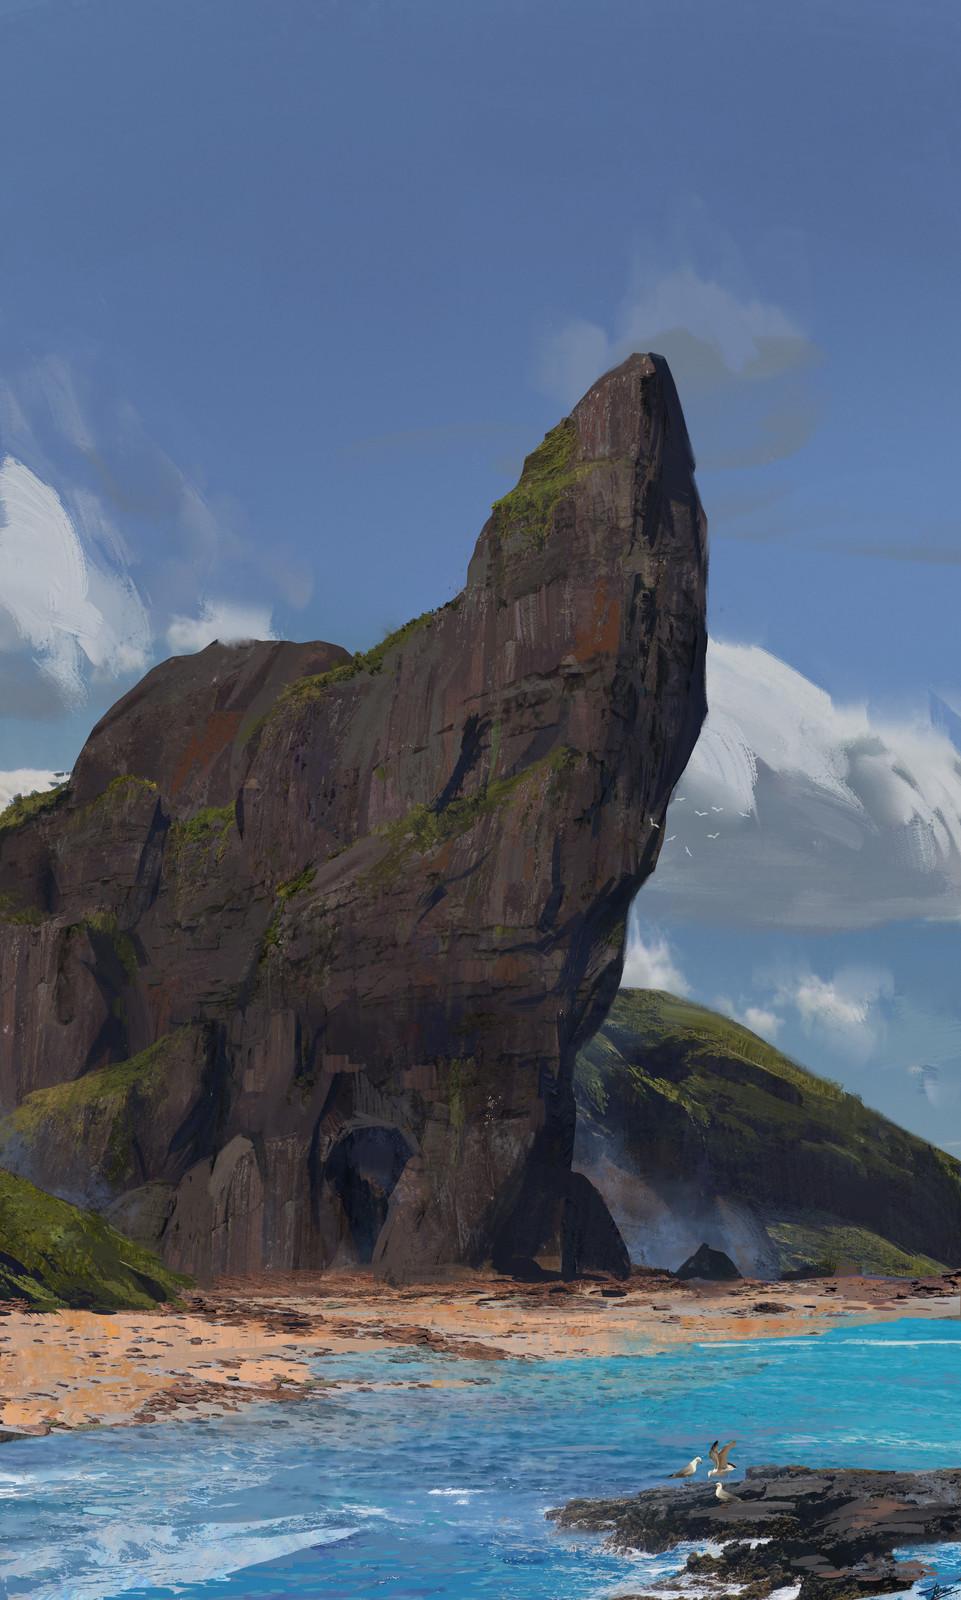 Peak coast